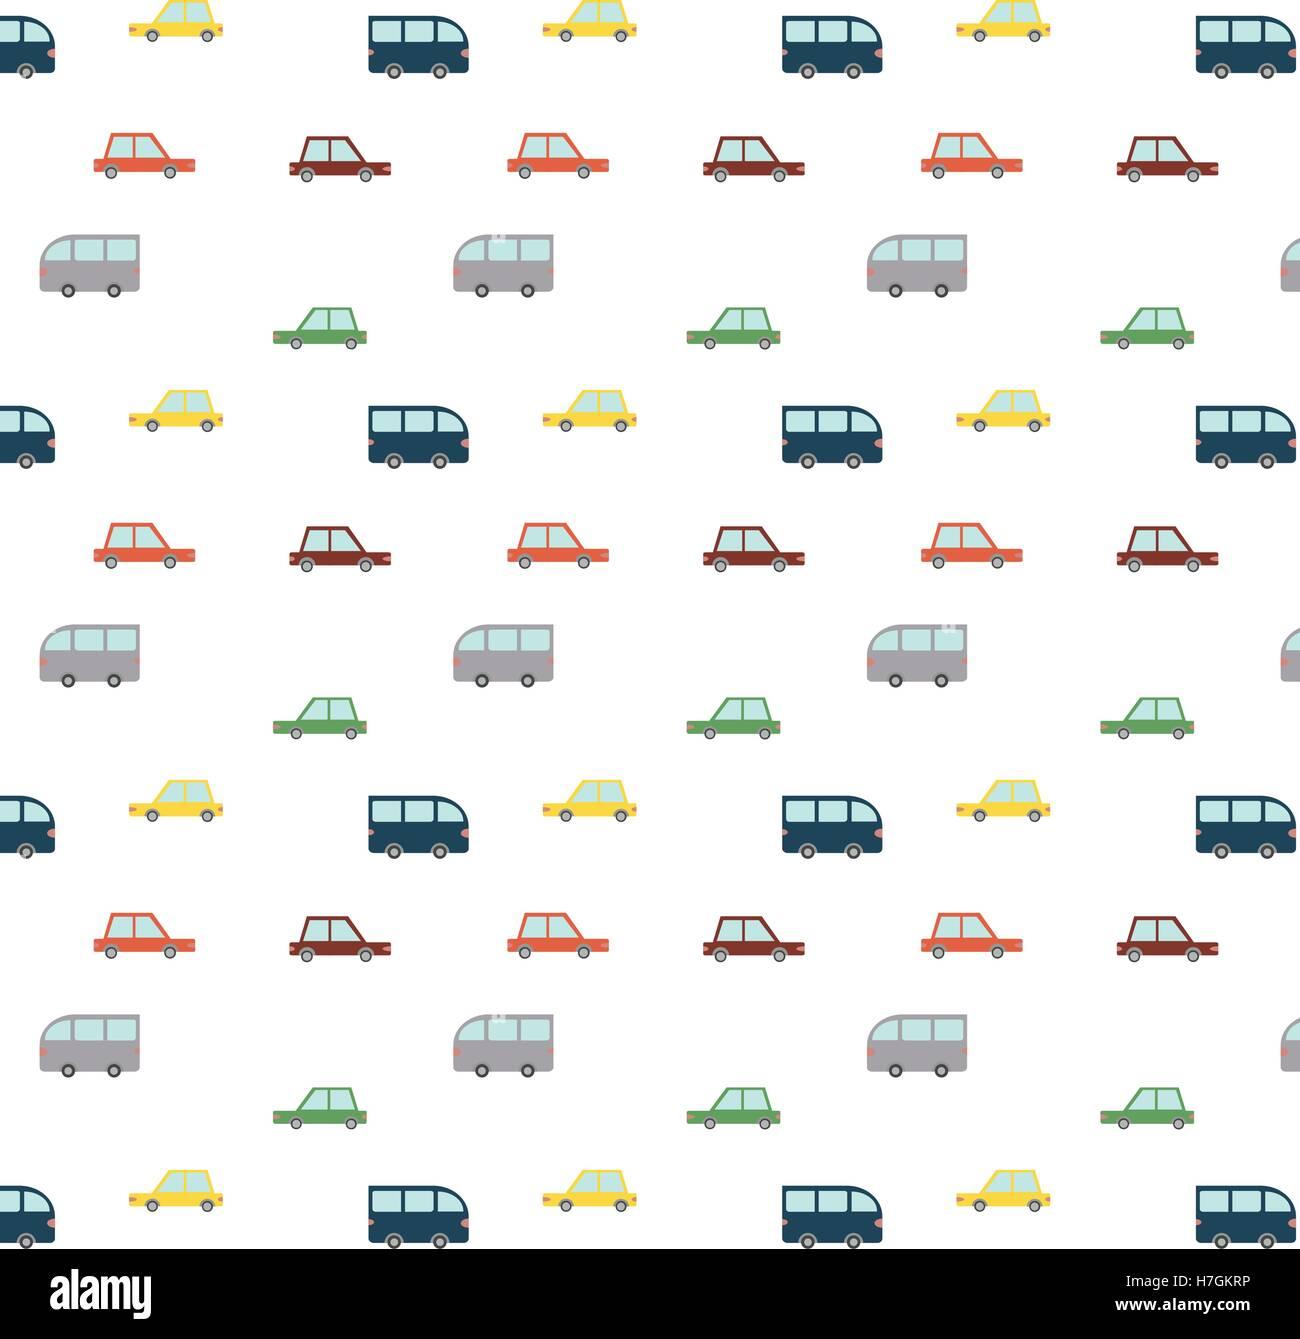 Modèle de voitures rétro bleues Photo Stock